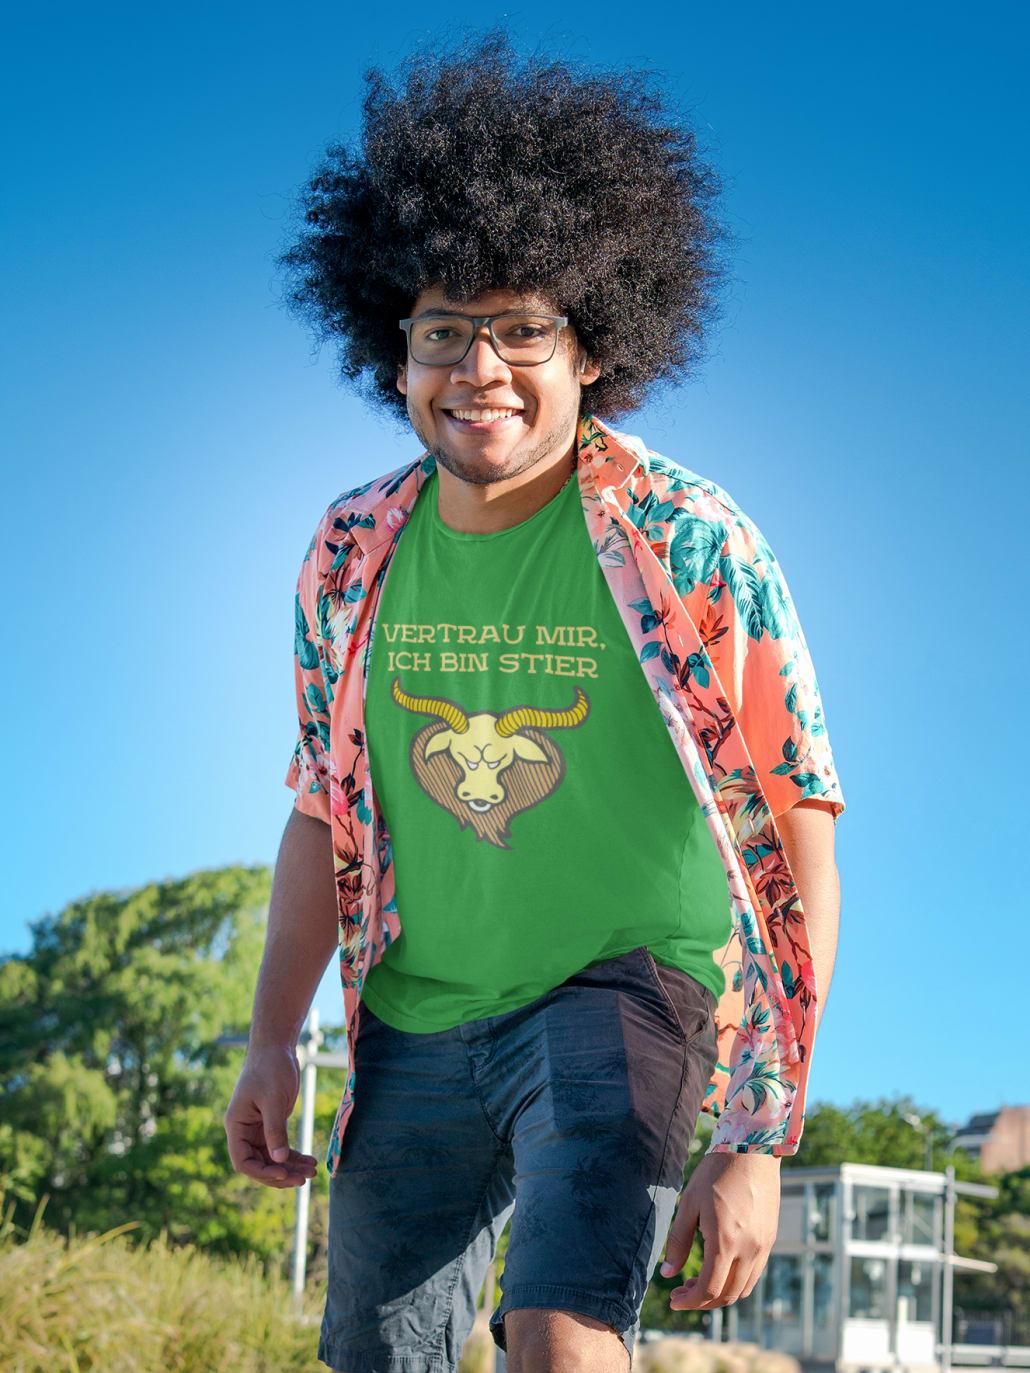 glücklicher Mann in grünem T-Shirt in einem Park